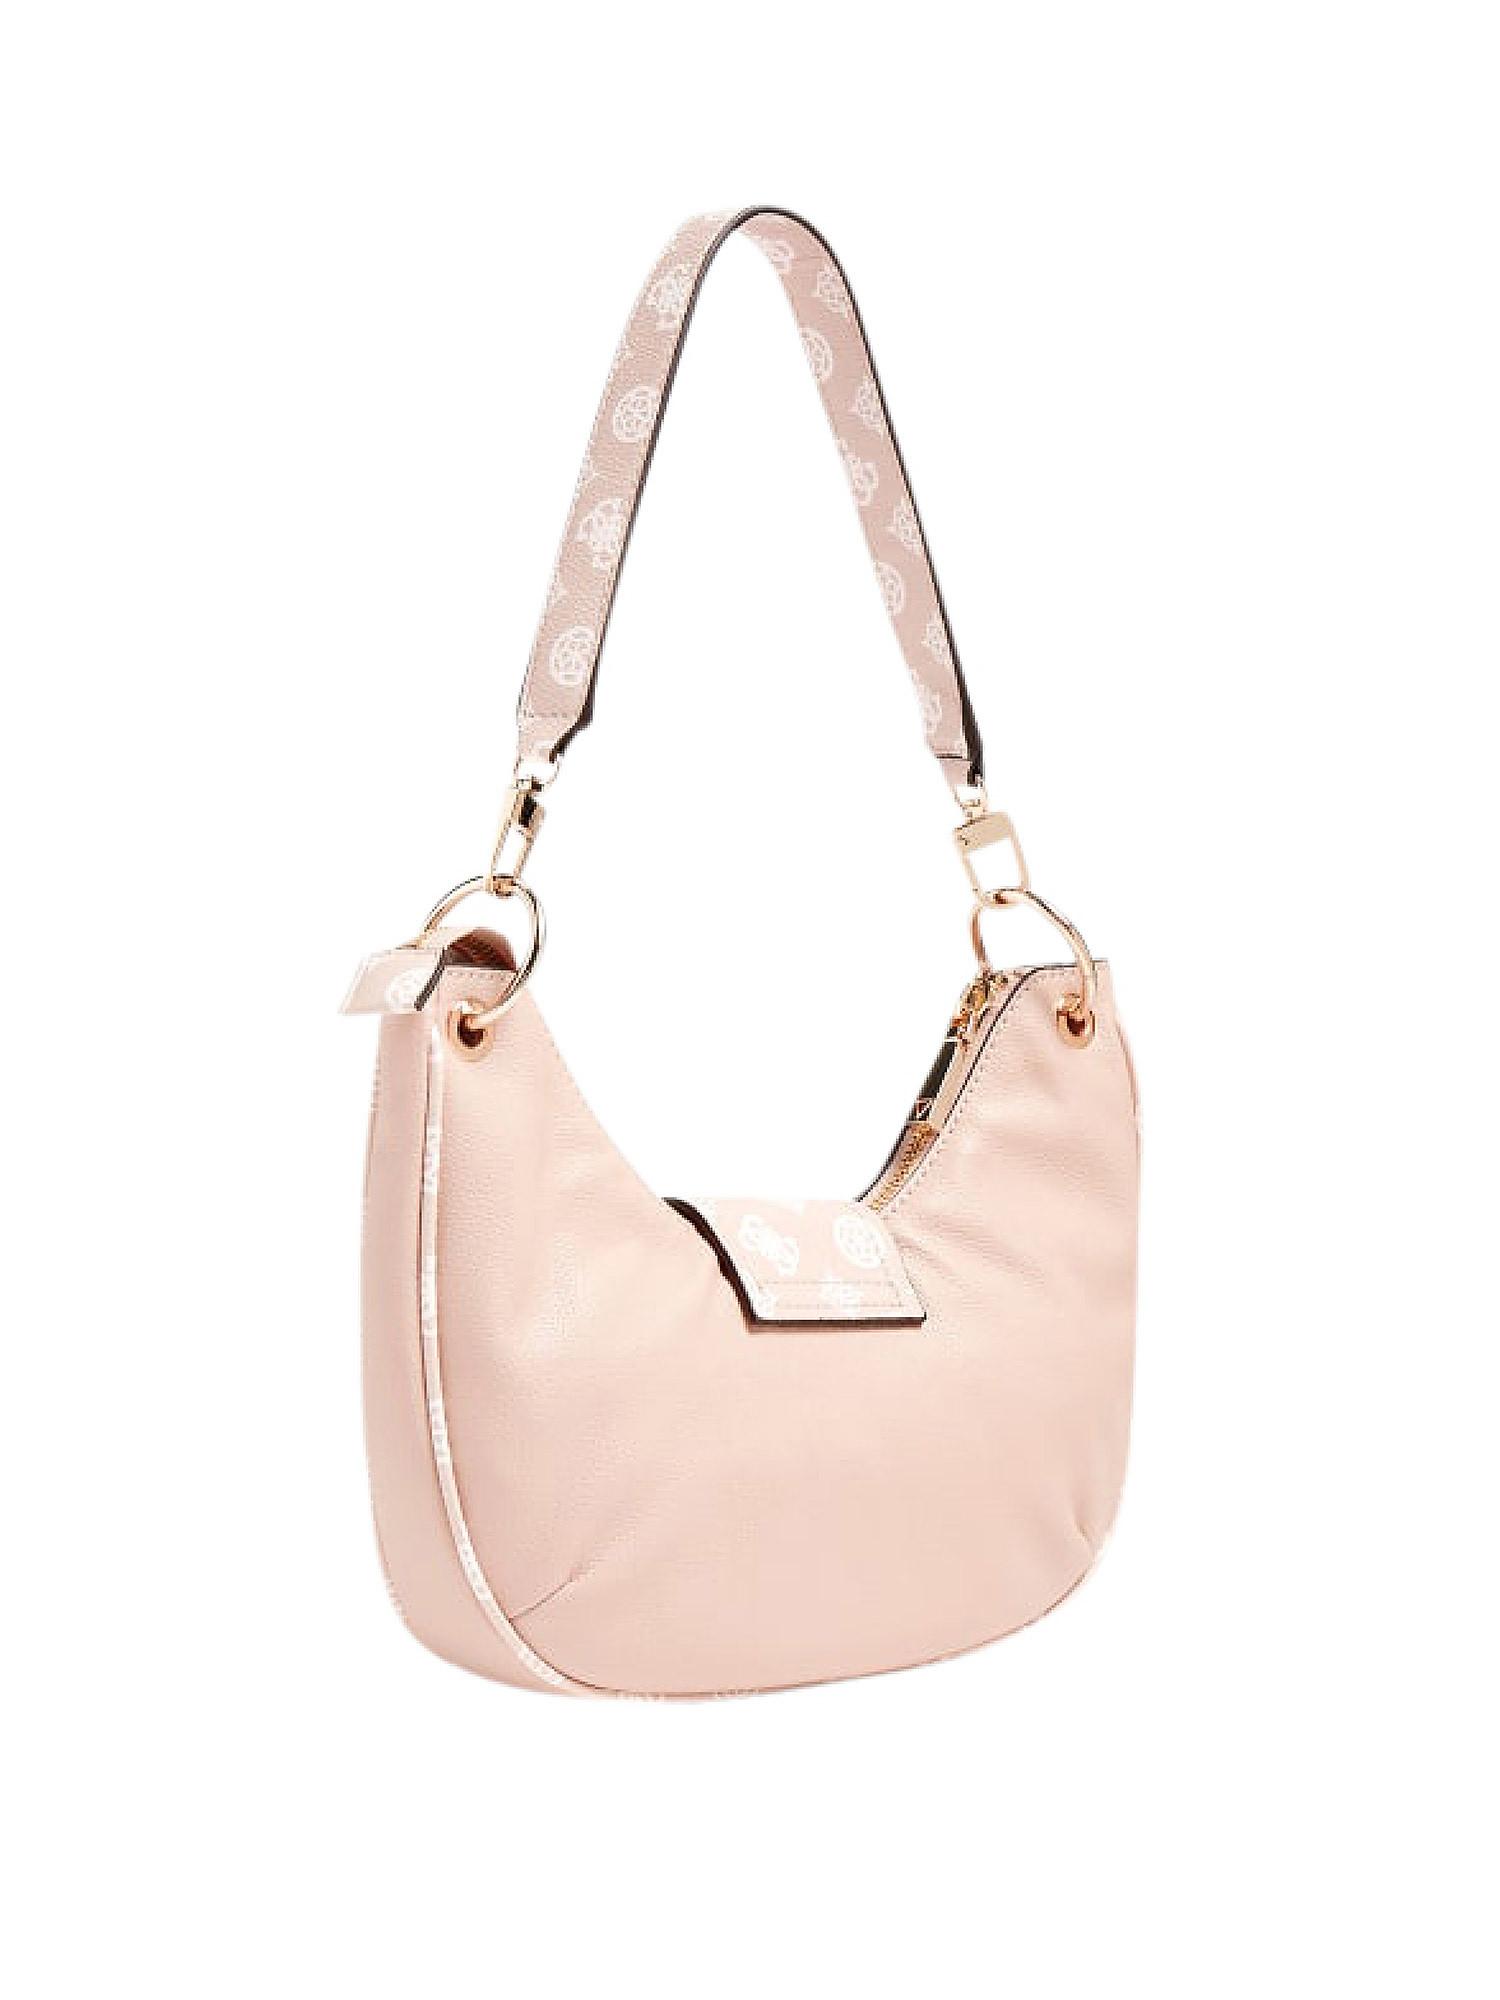 Brightside Hobo Bag, Rosa cipria, large image number 2